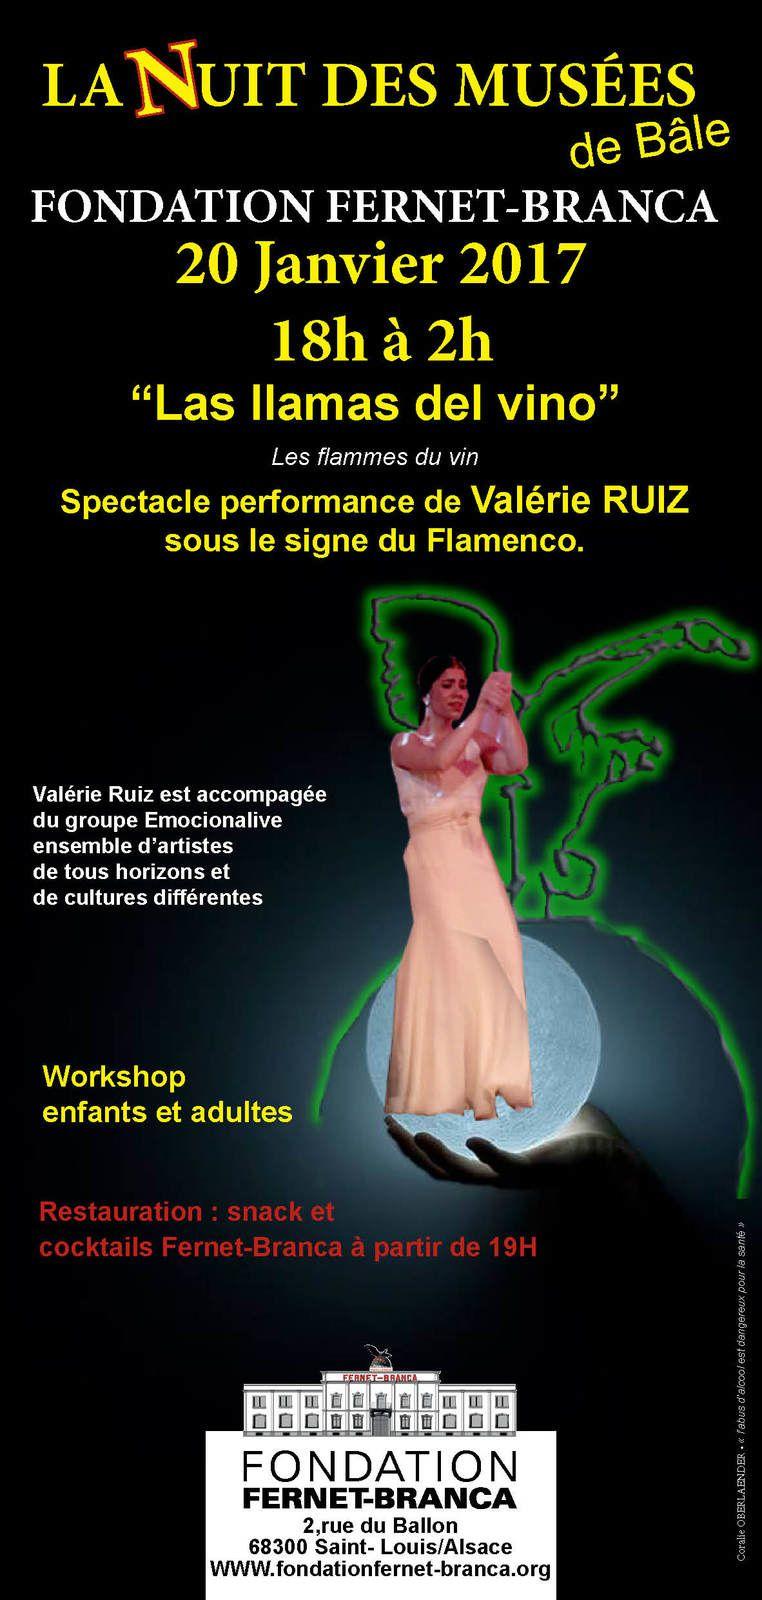 La nuit des musées de Bâle 2017 a la Fondation FERNET-BRANCA